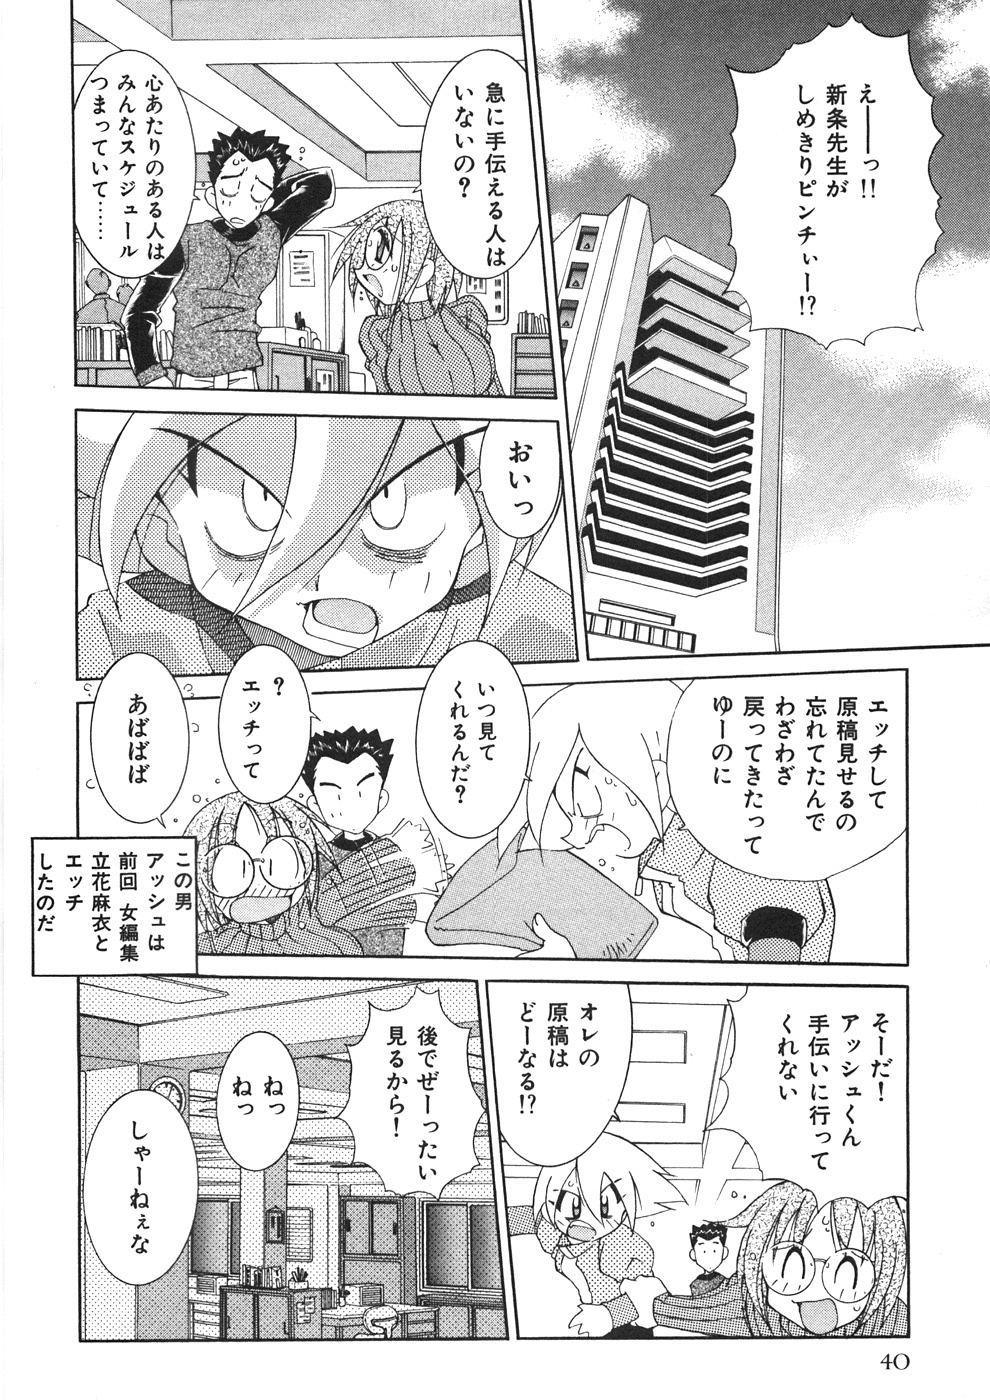 Chichichichi Banban 44